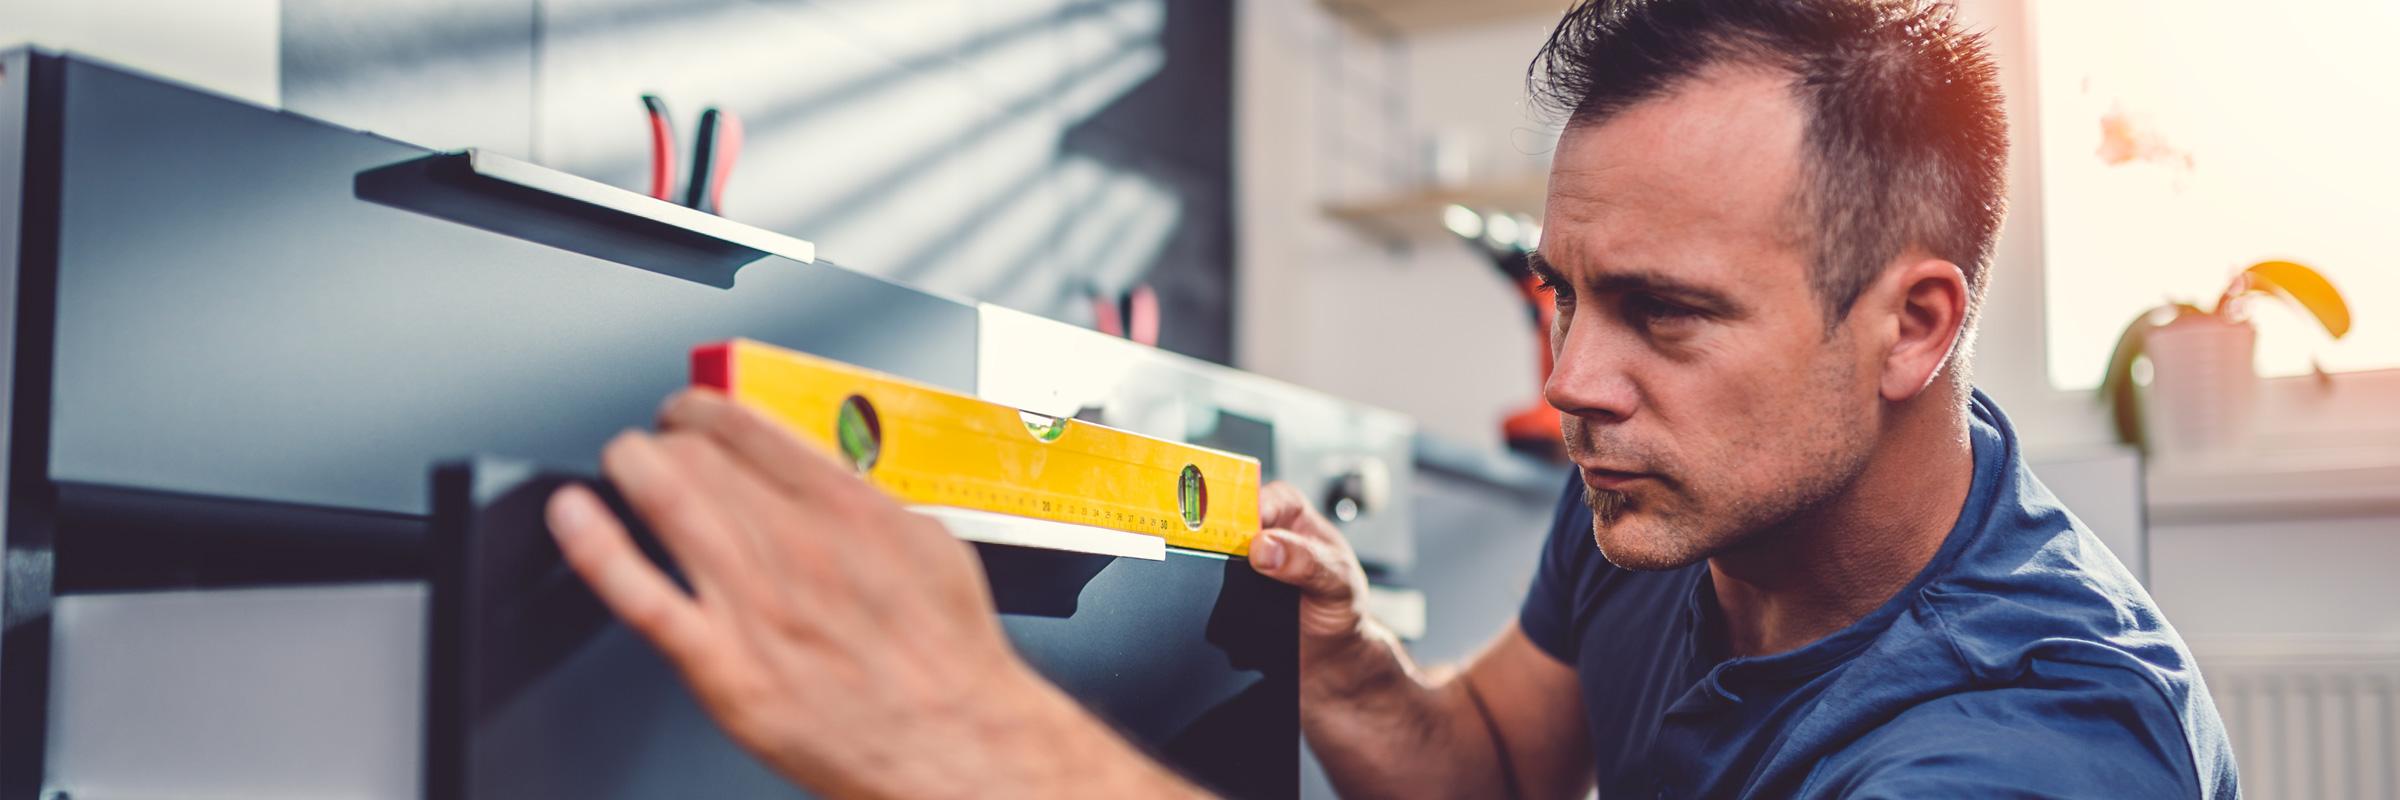 Man measuring a drawer